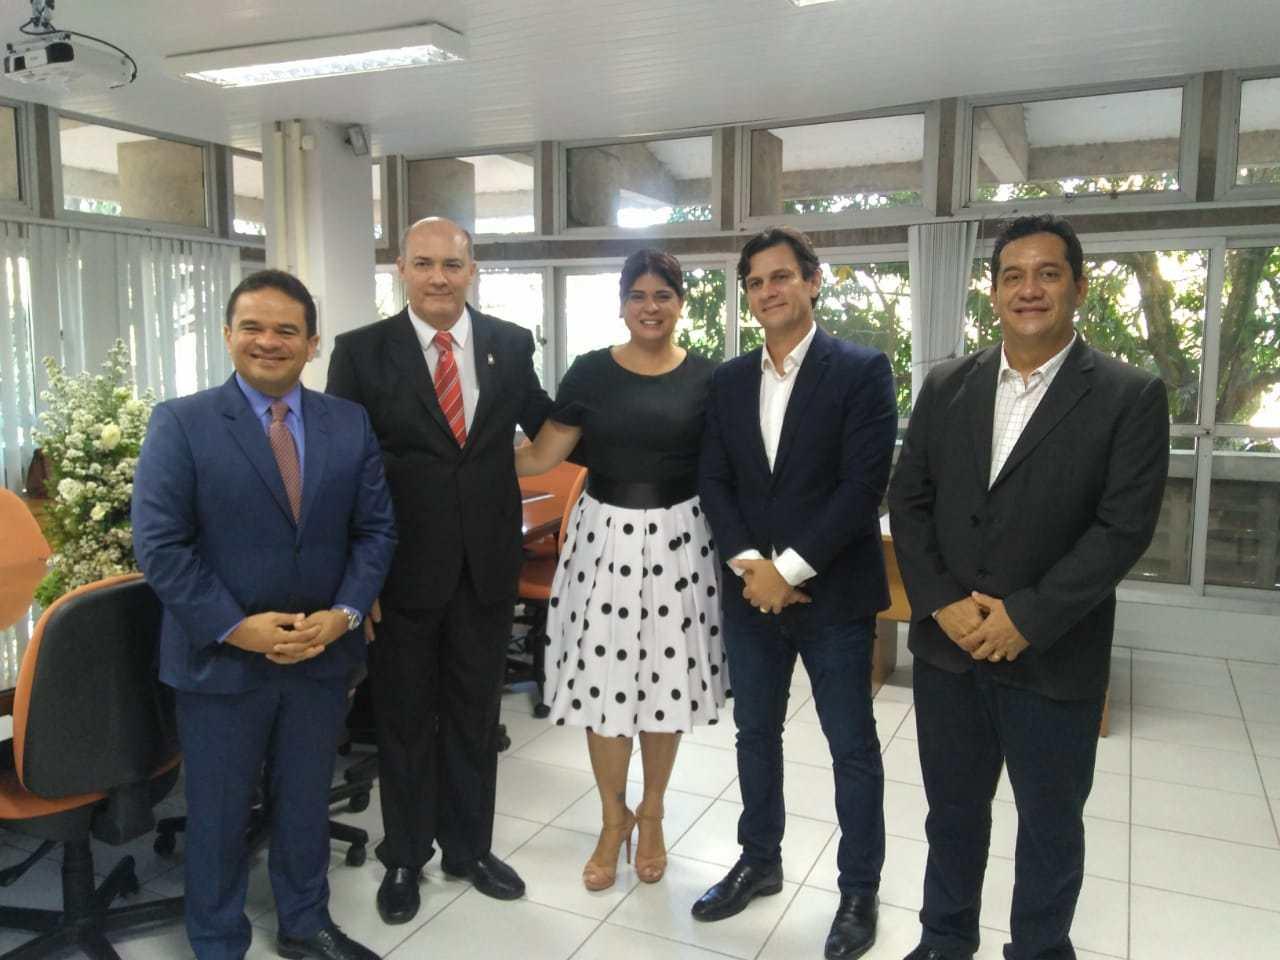 Deputados e governador participam de transmissão de cargo do novo reitor da Ufal